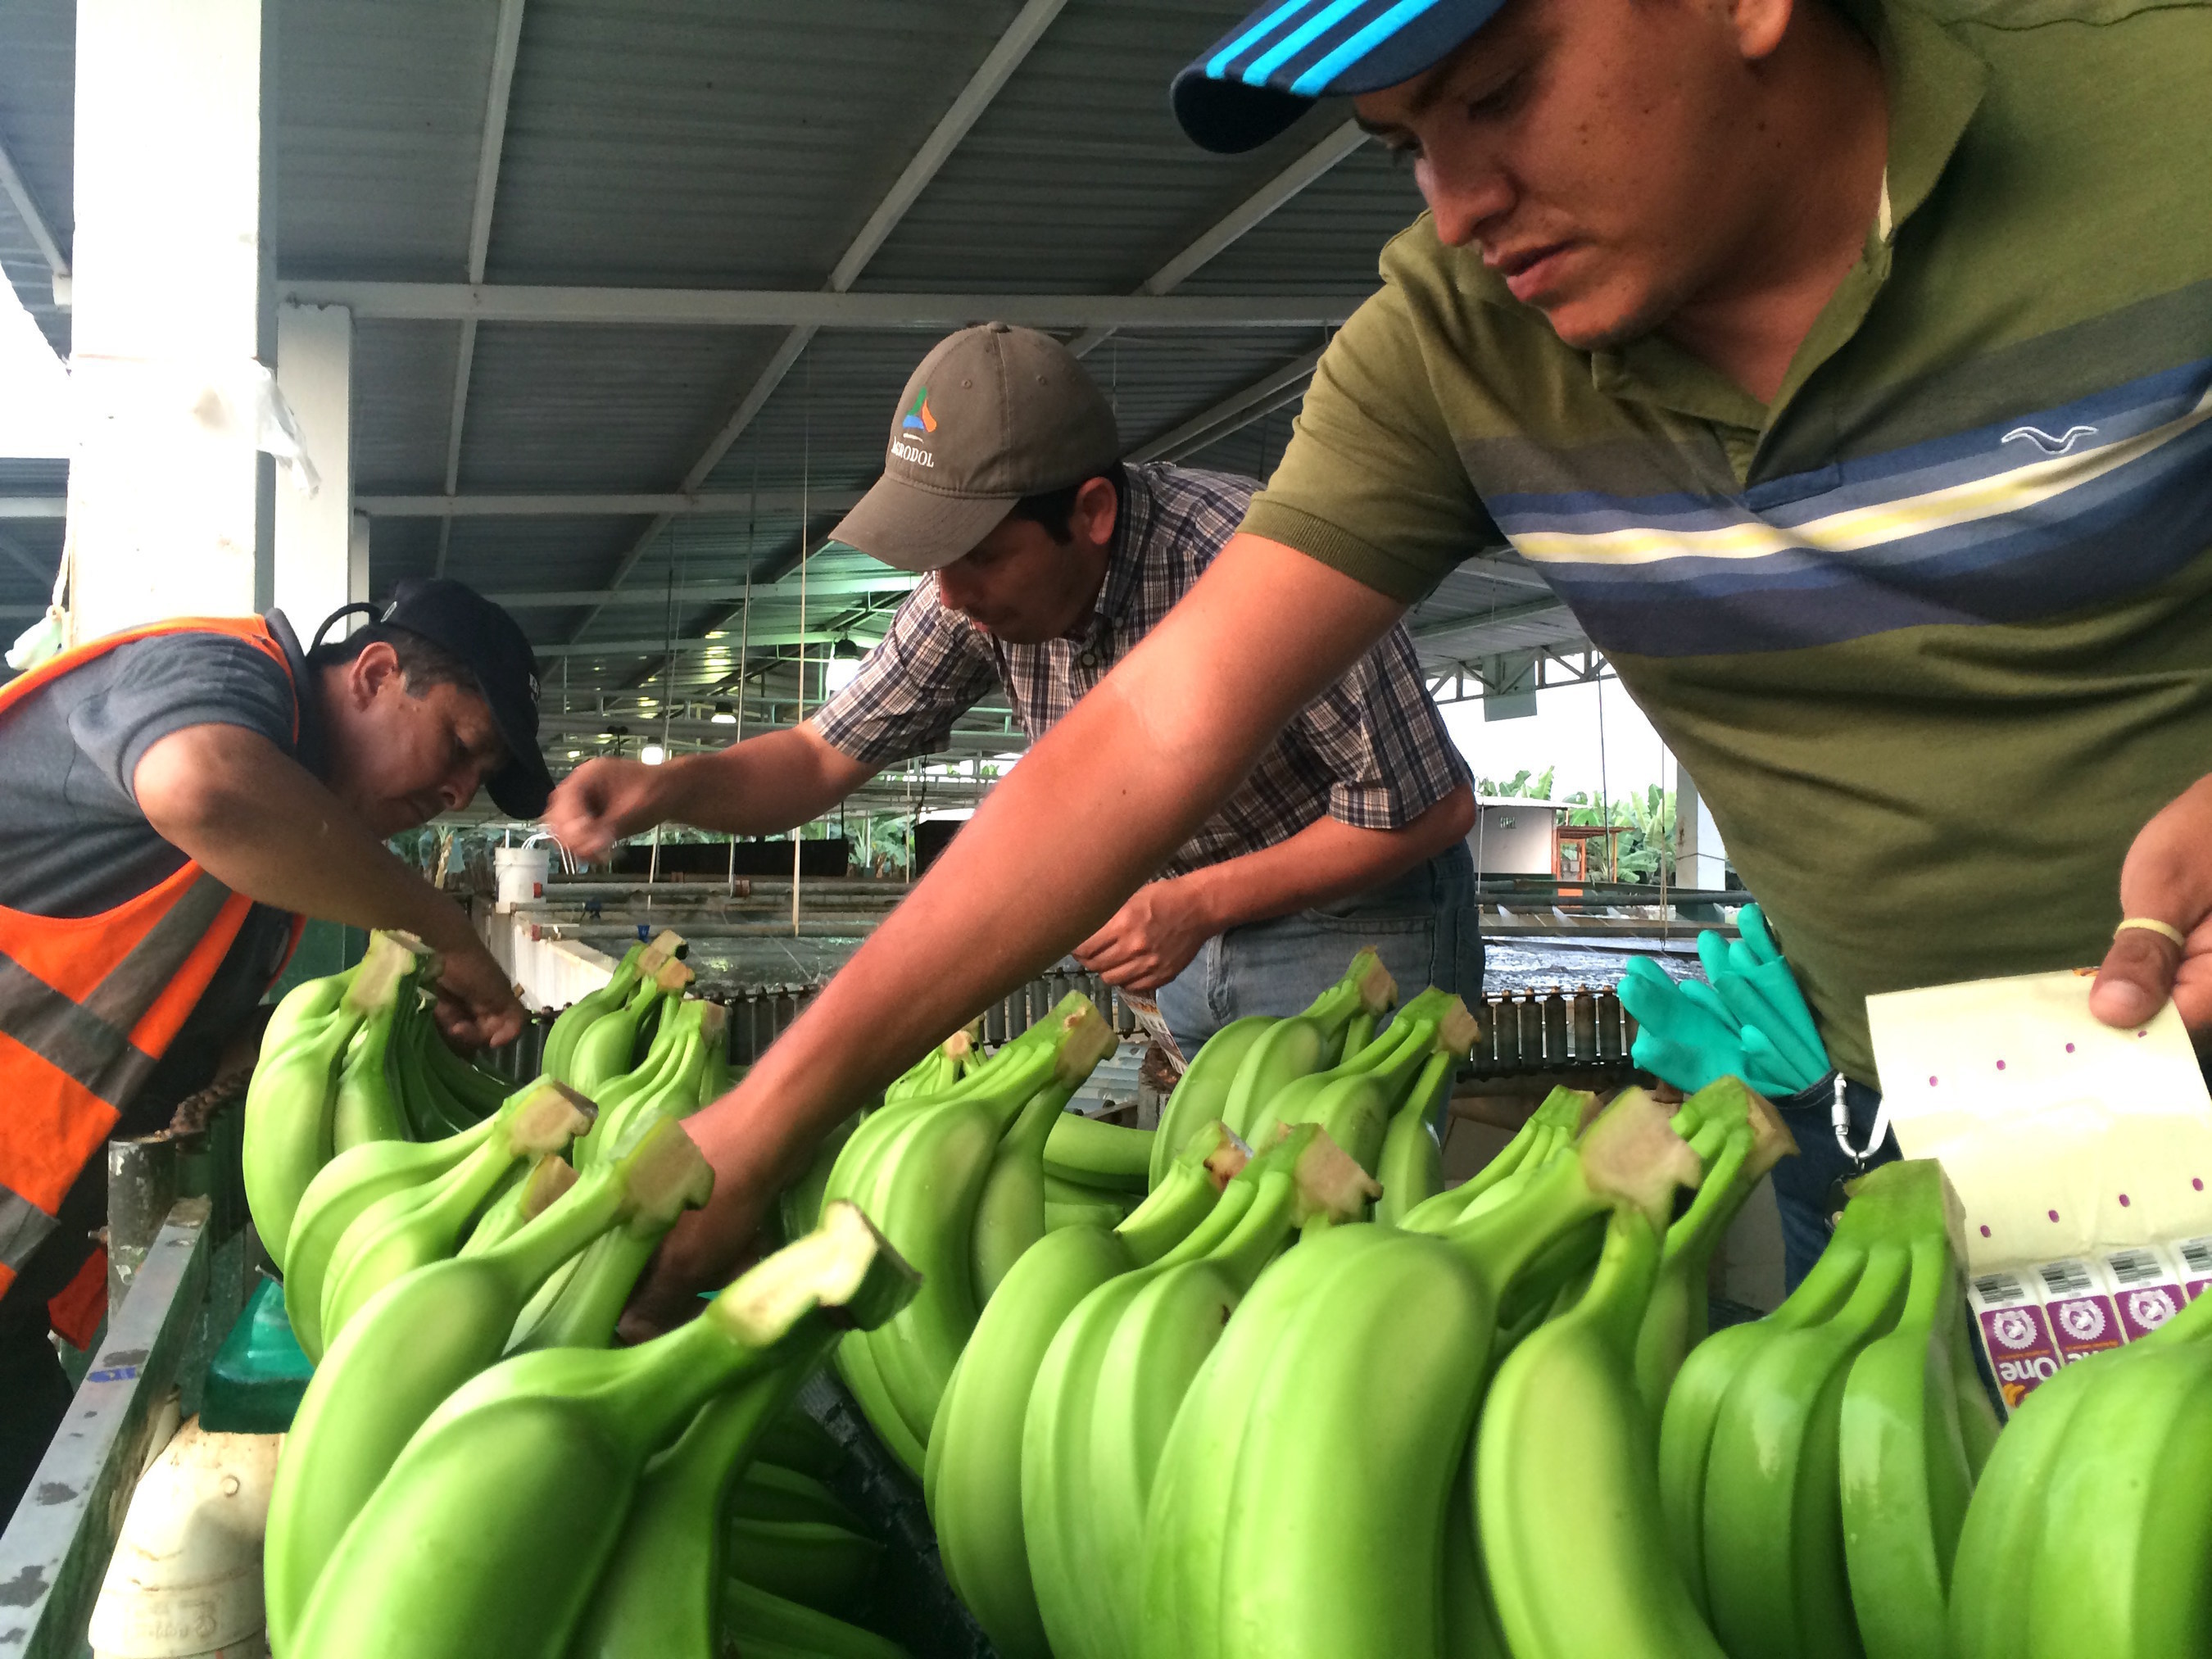 Frequentz, Inc. apporte à AgroAmerica une solution assurant des produits obtenus par des méthodes